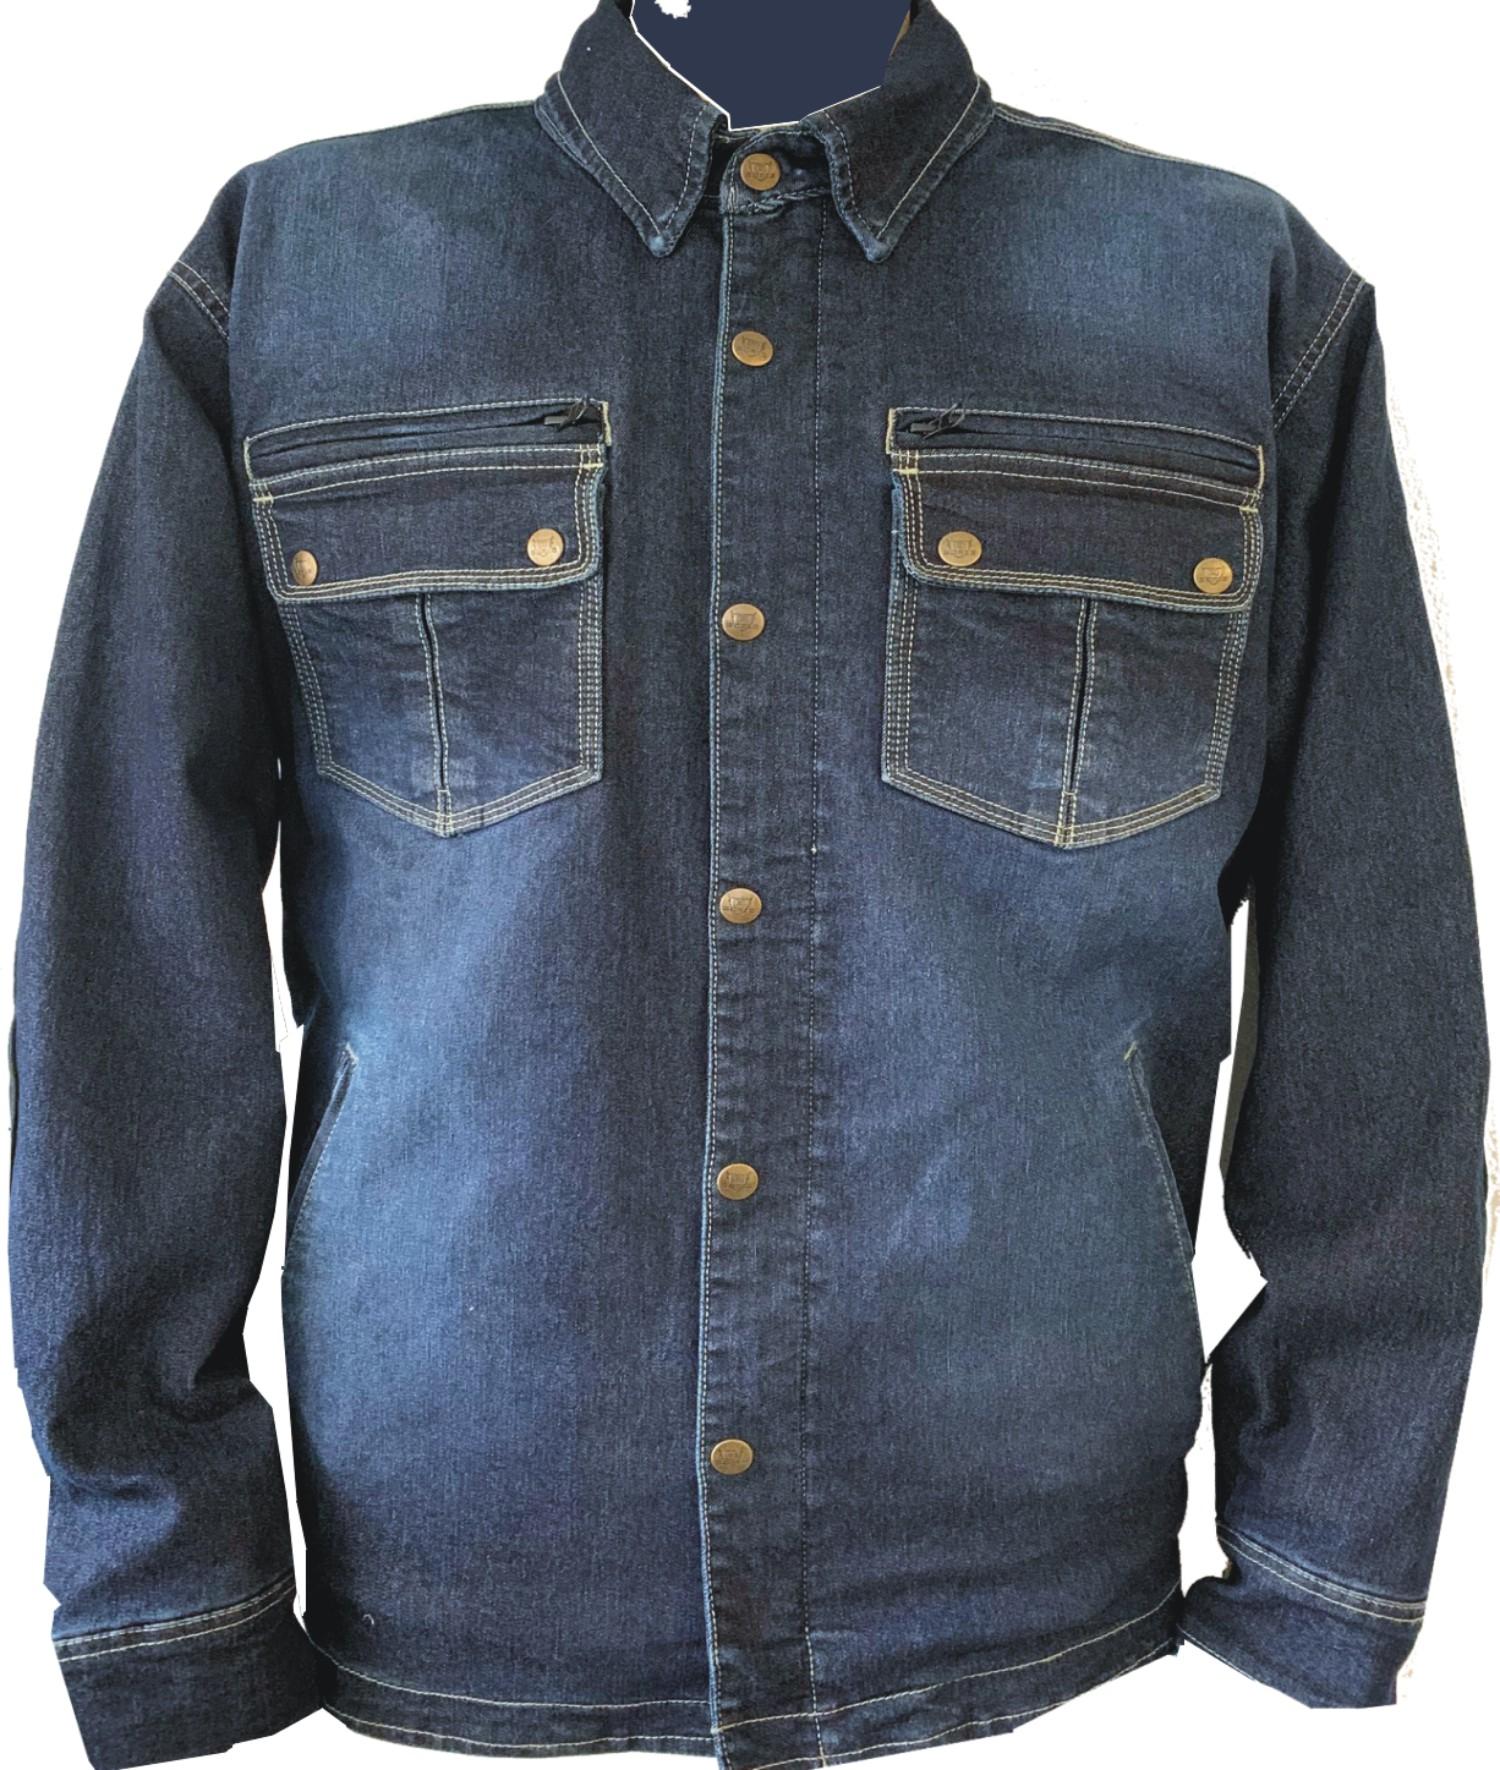 020-0032_Bores_Driver_Shirt_Hemd_Motorrad_Lumberjack_Serie_Strech_Demin_blau